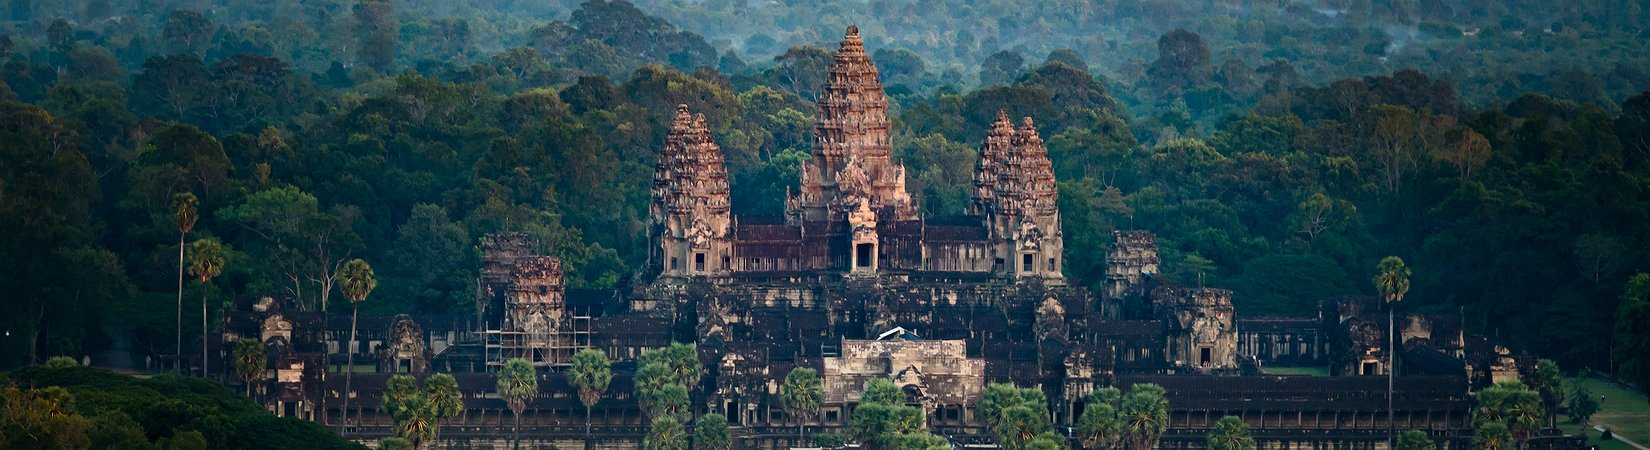 ¿Merece realmente la pena visitar estas maravillas del mundo?